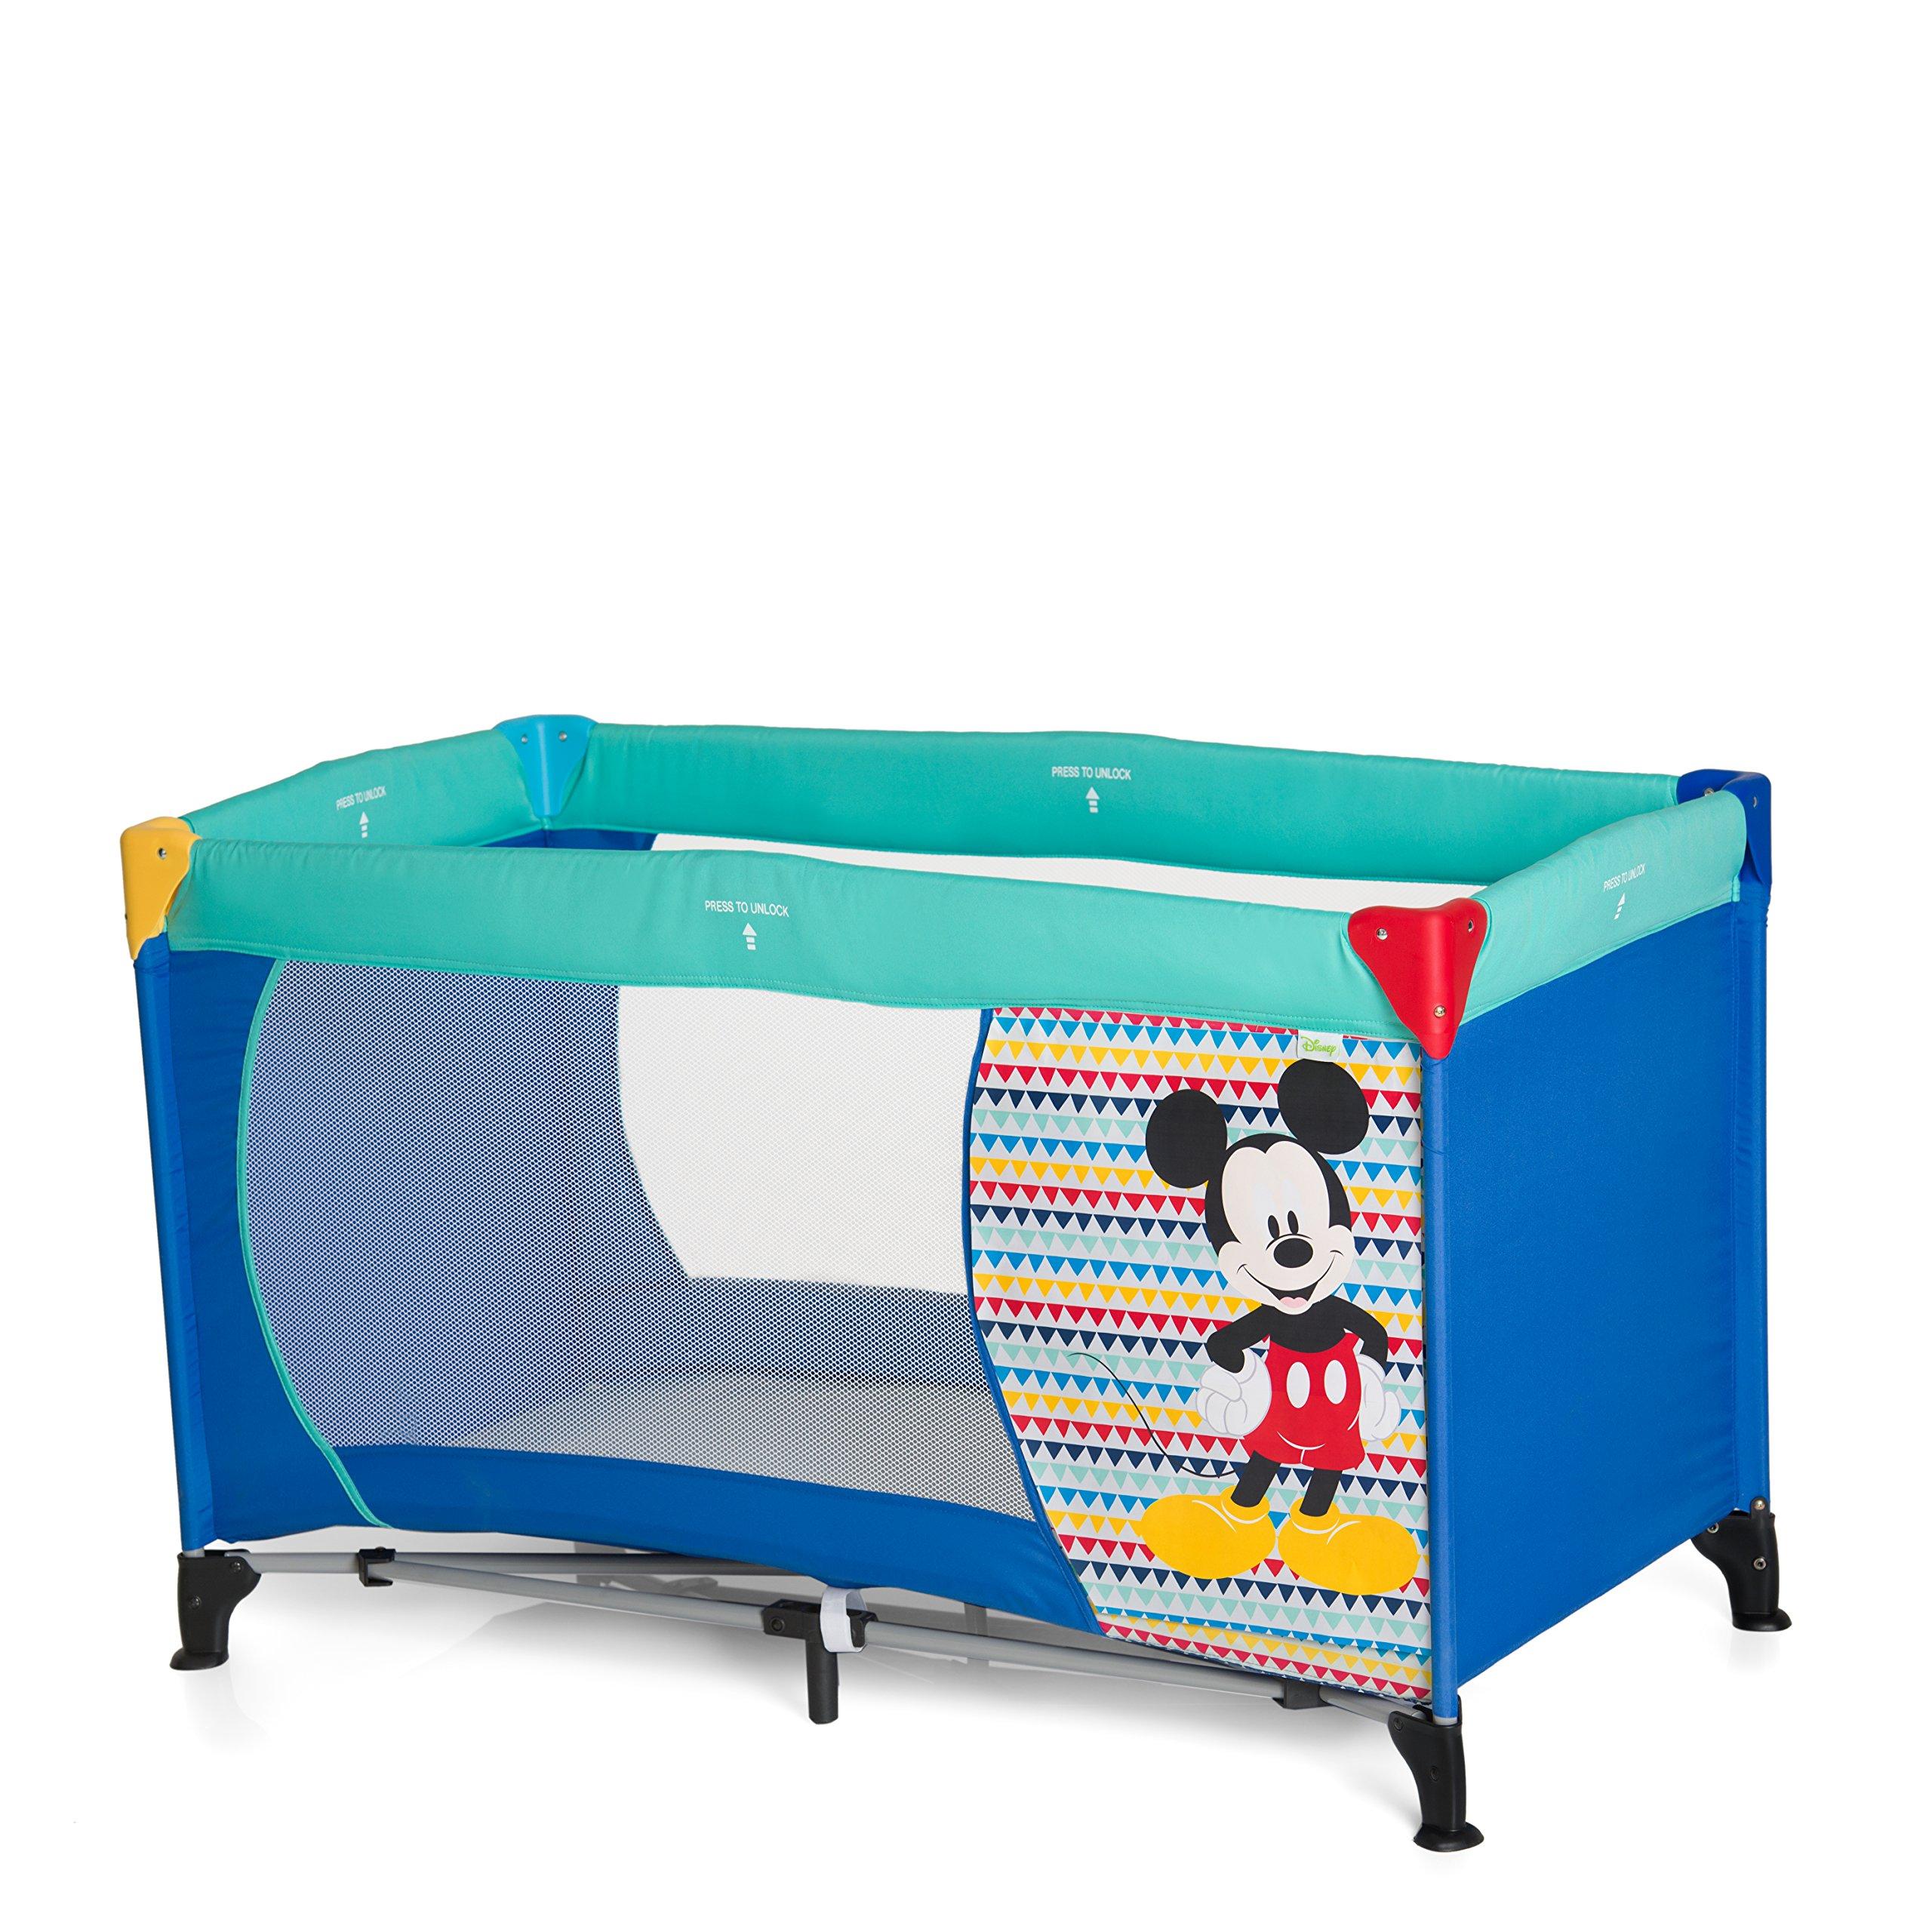 Hauck Dream N Play – Cuna de viaje para bebes a partir de 0 meses hasta 15 kg, incluido bolso de transporte, plegado y montaje fácil, lavable a mano, 127.5 x 69 x 76 cm, diseño Disney